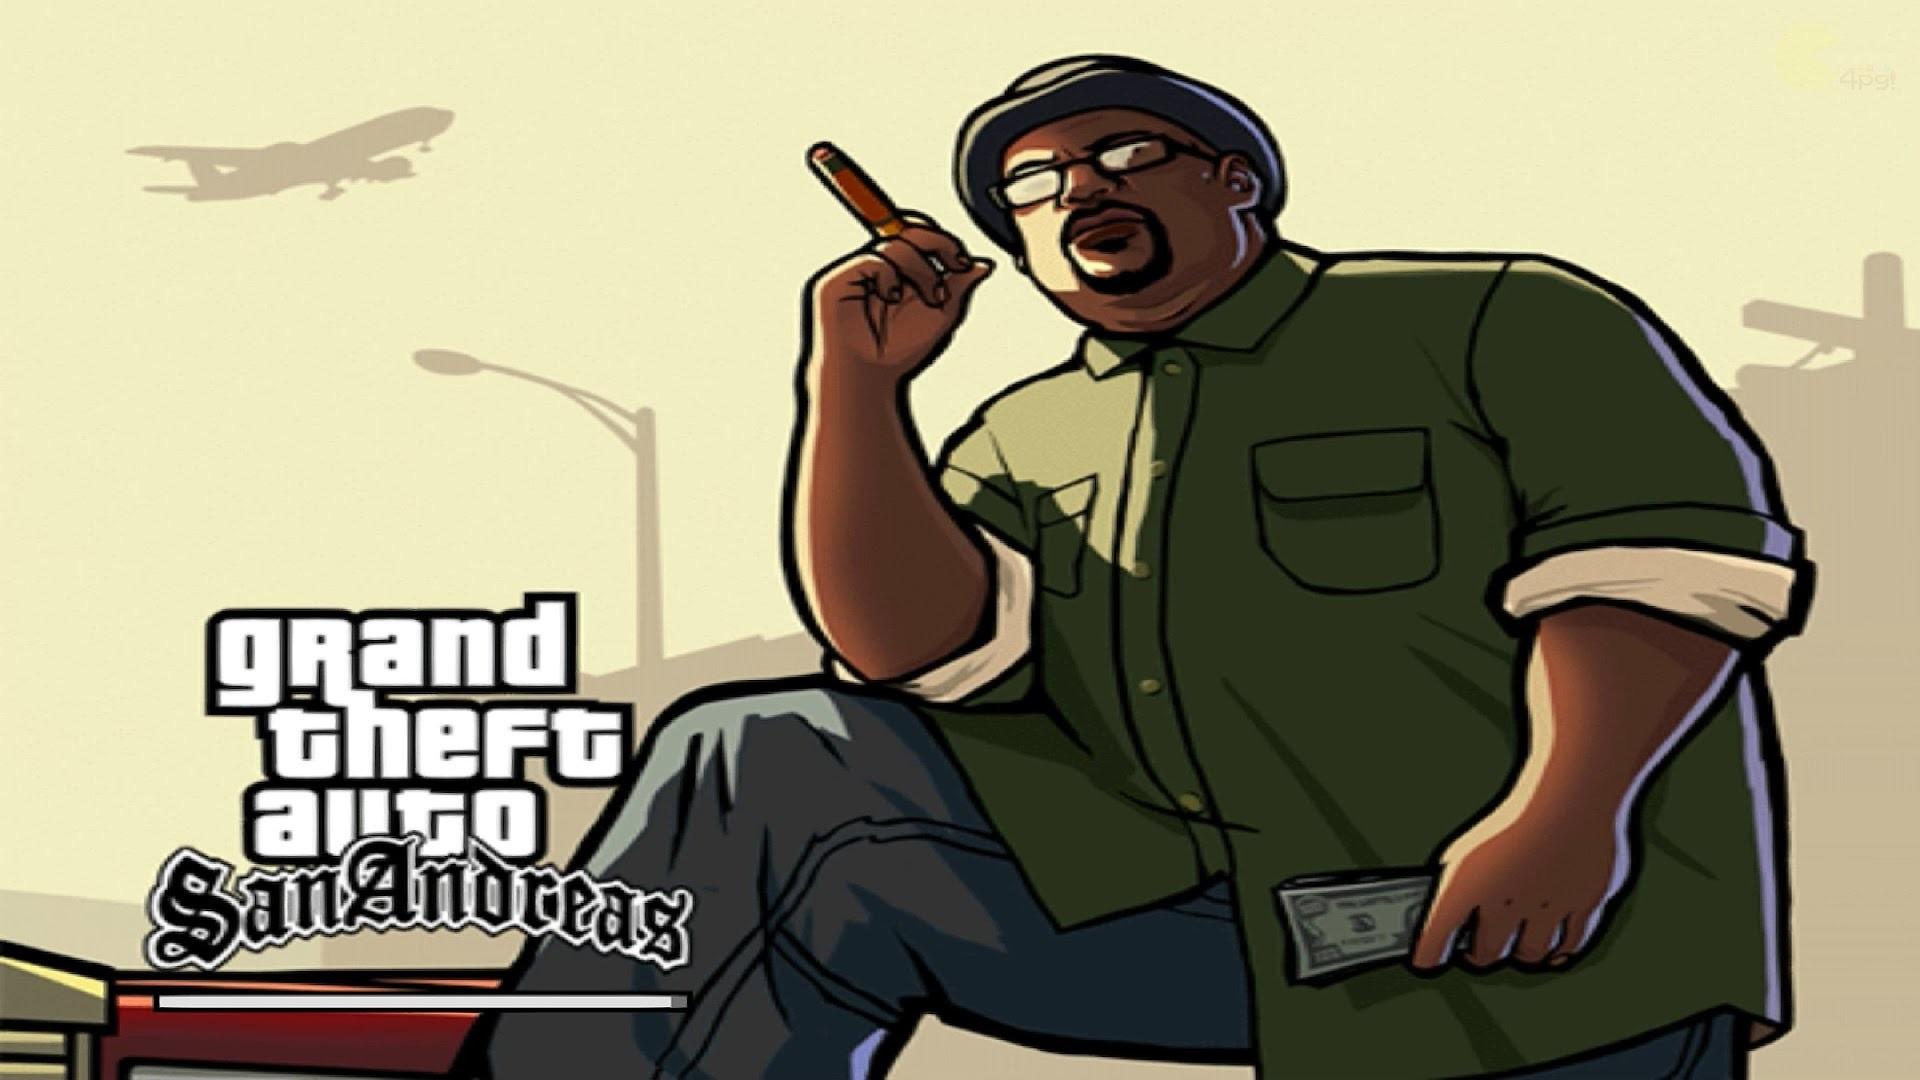 Grand Theft Auto V - Gta San Andreas Art , HD Wallpaper & Backgrounds